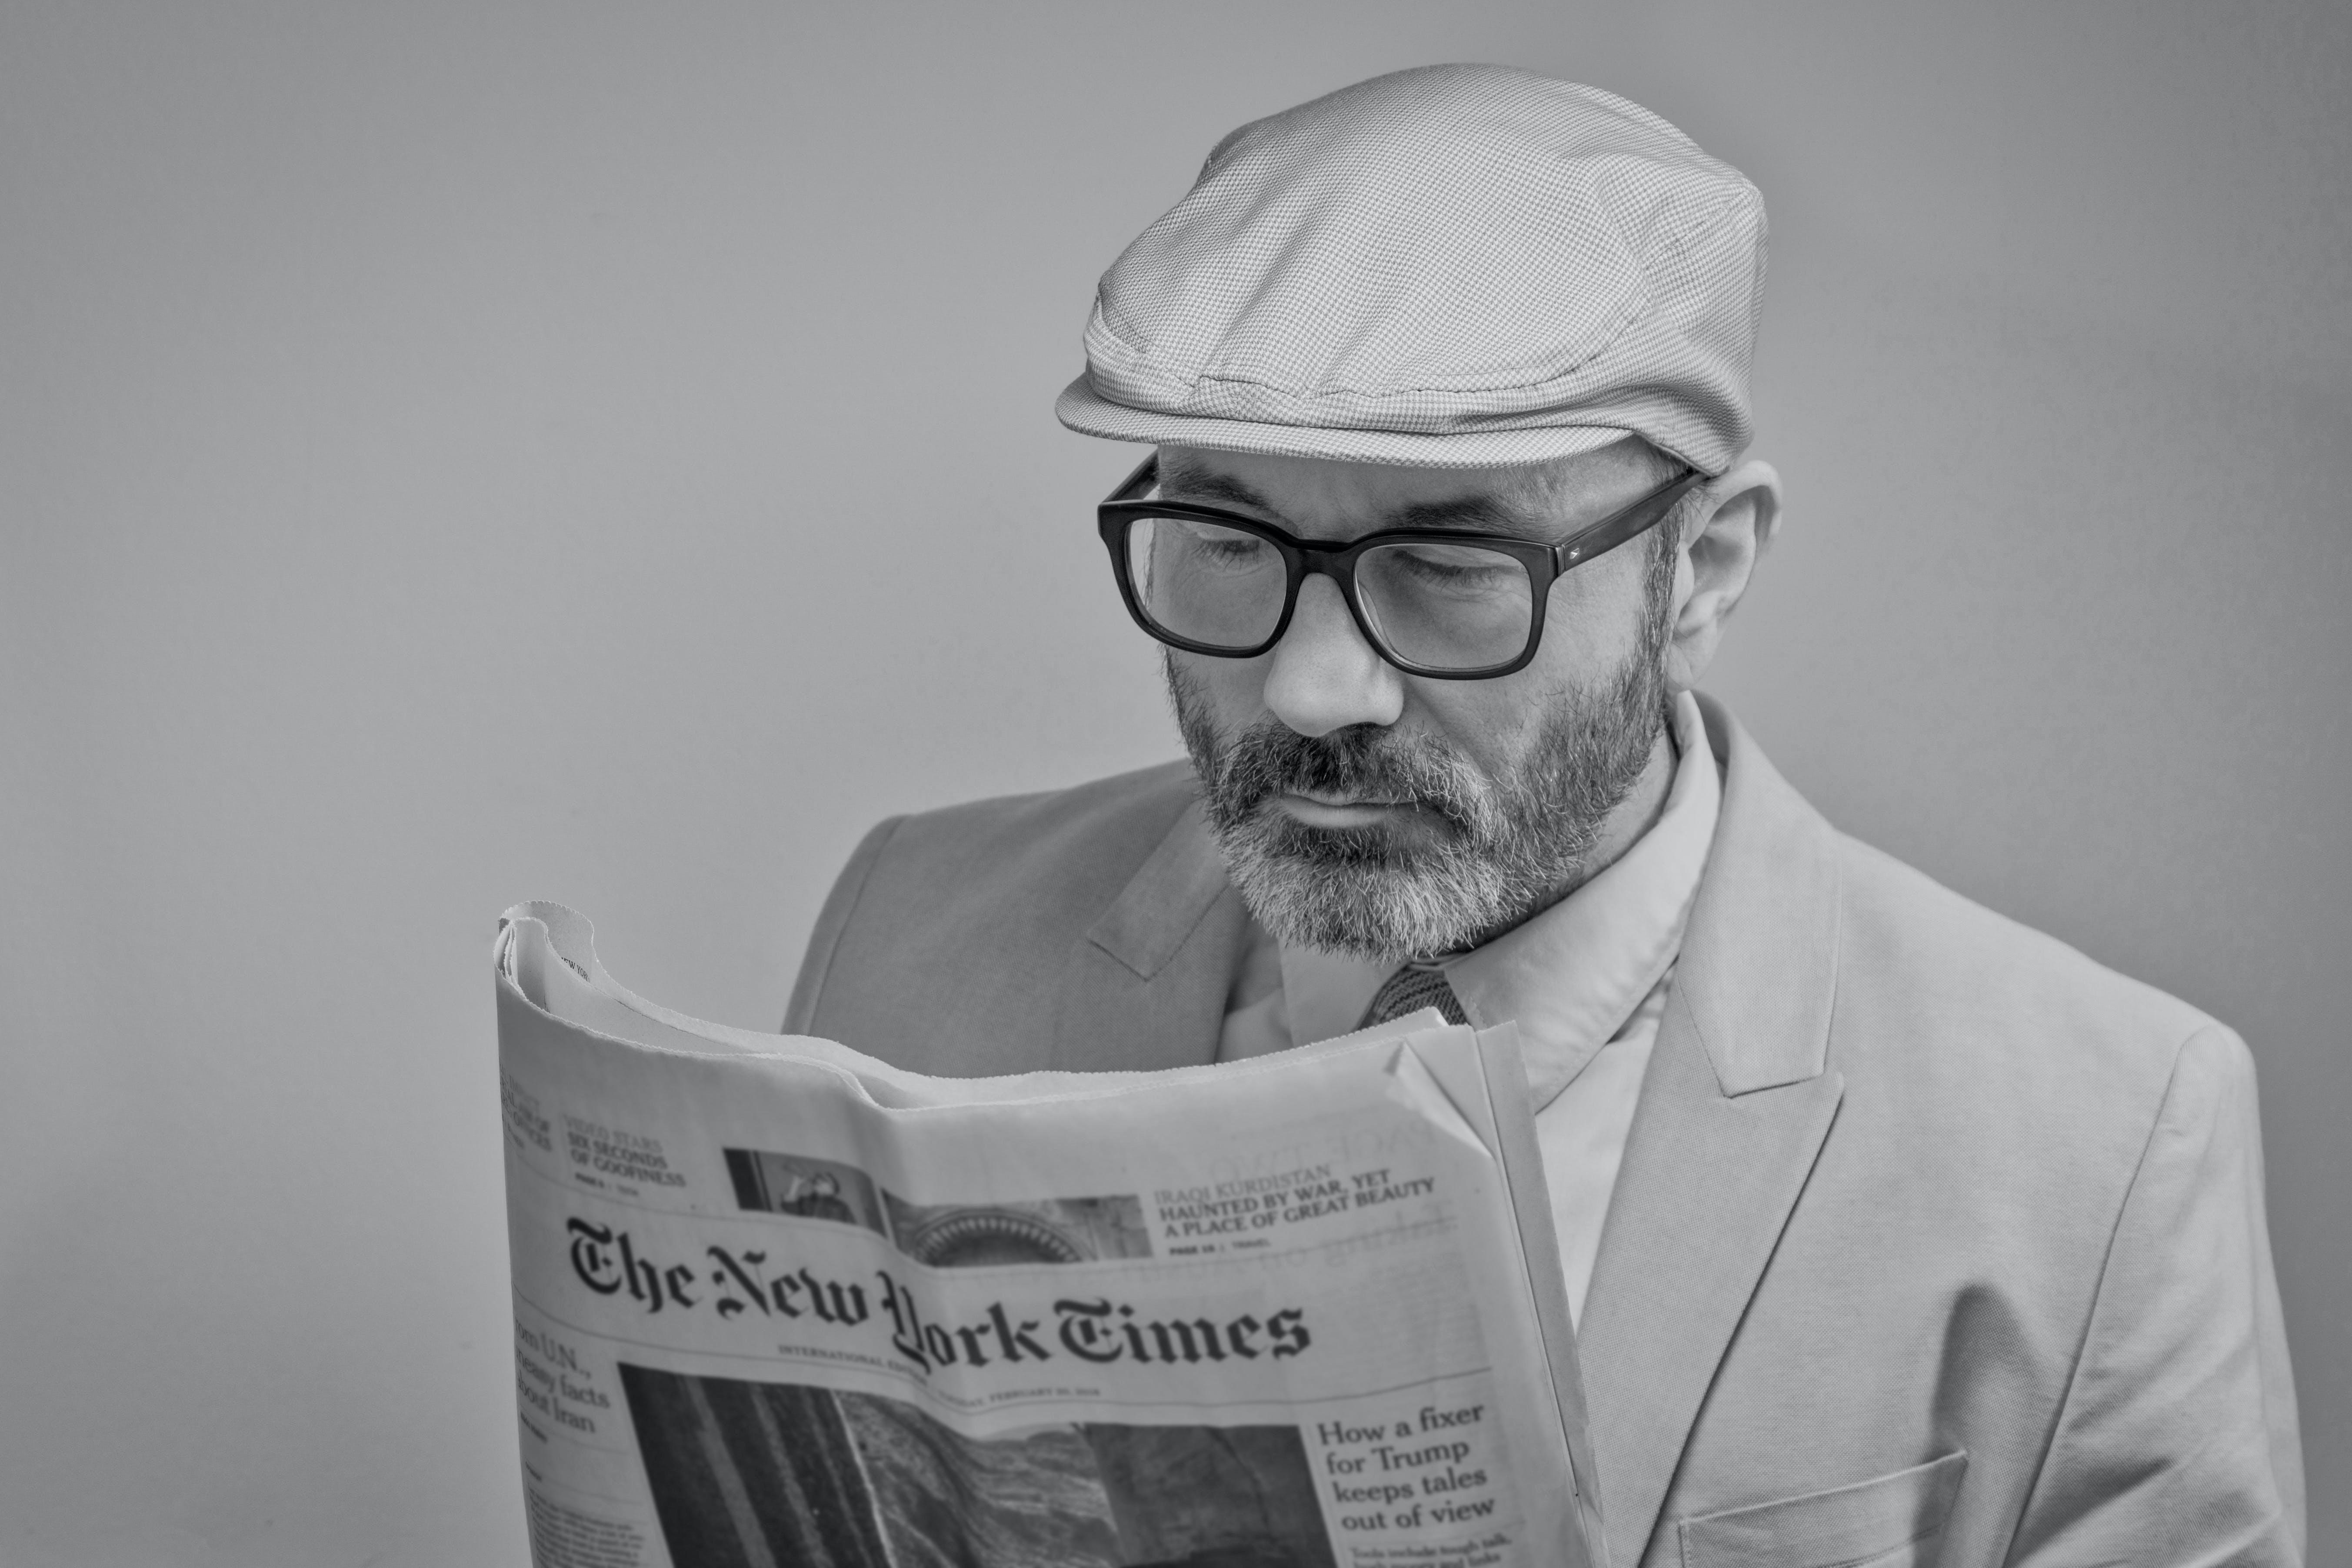 人, 報紙, 媒體